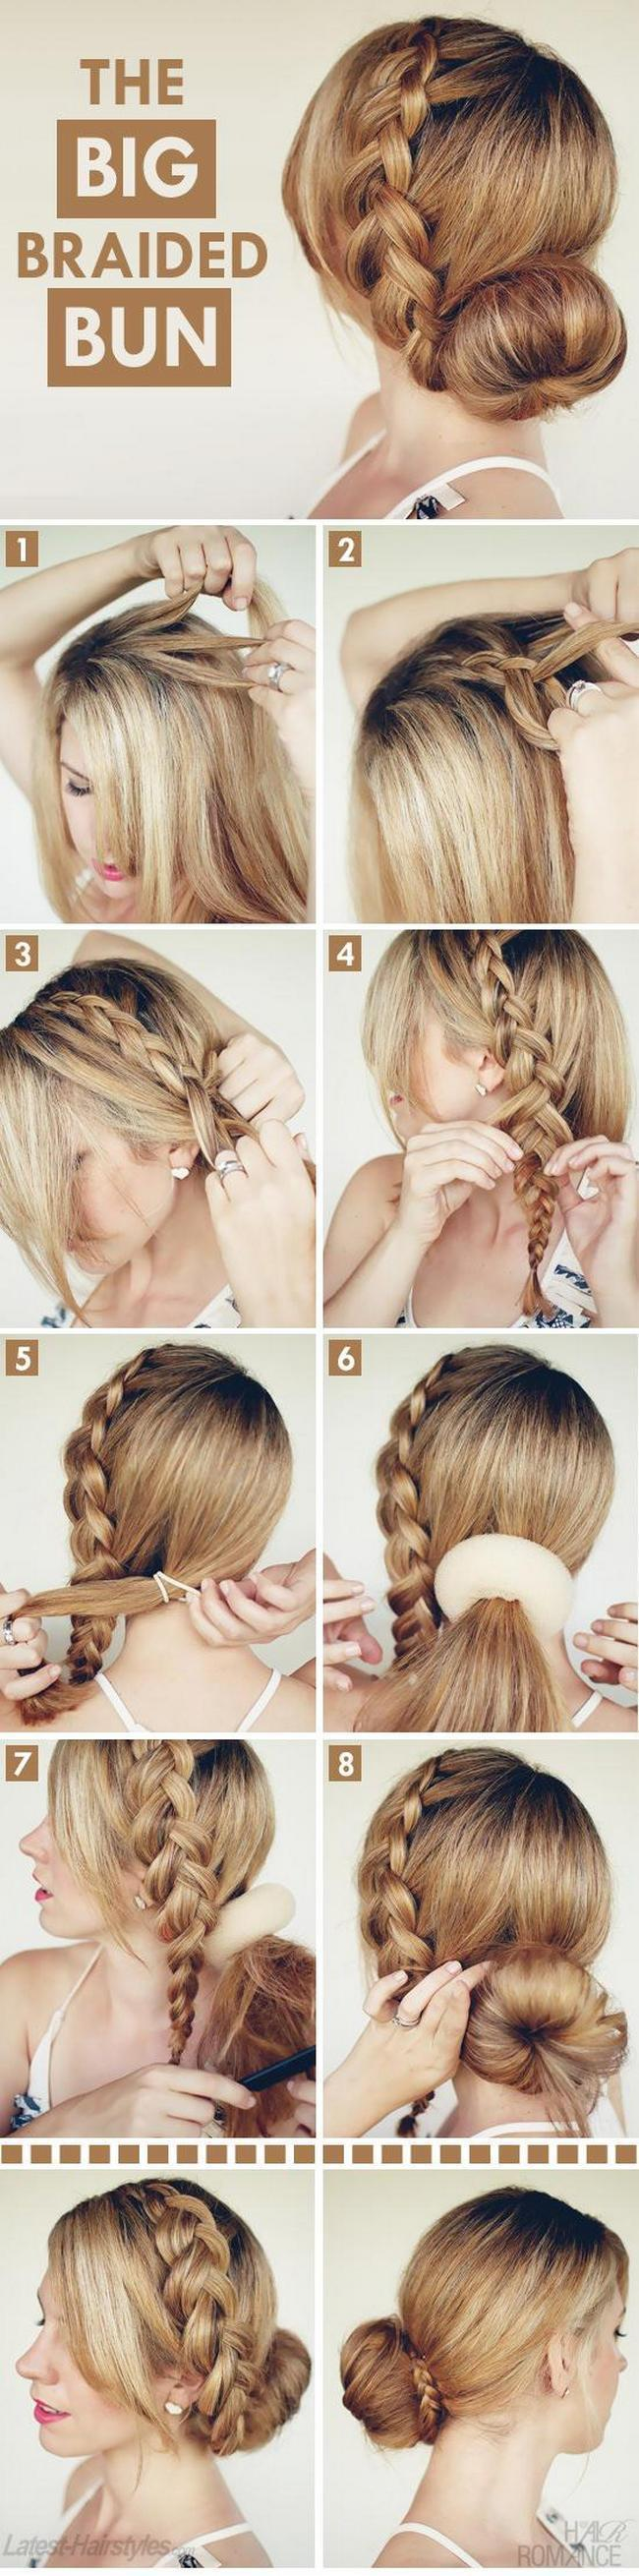 big-braided-bun-w650